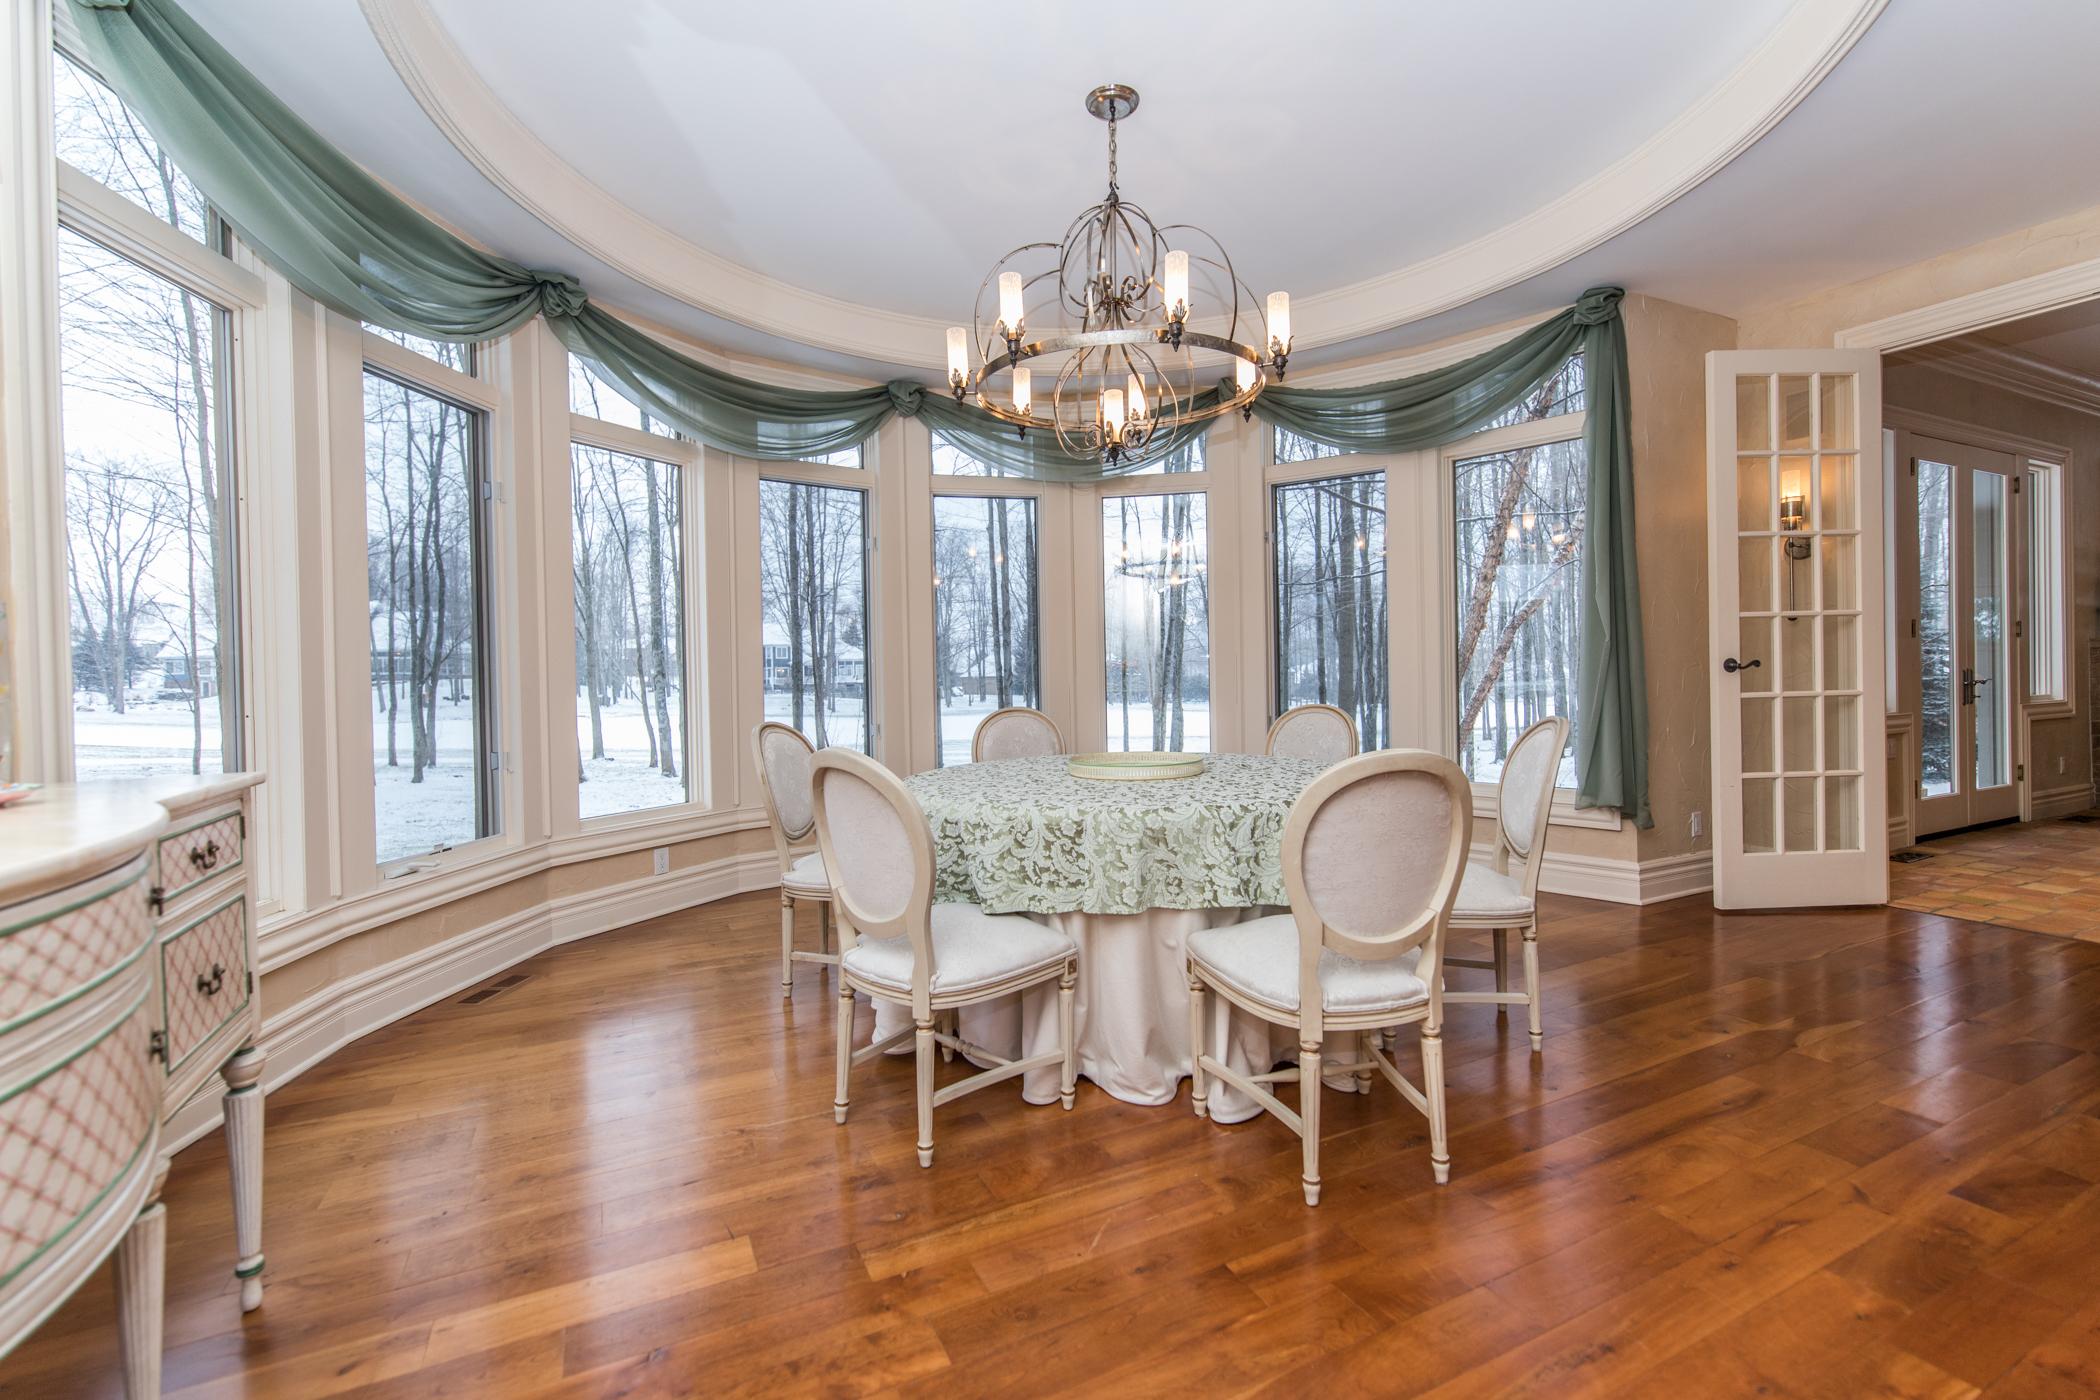 Elegant formal dining room